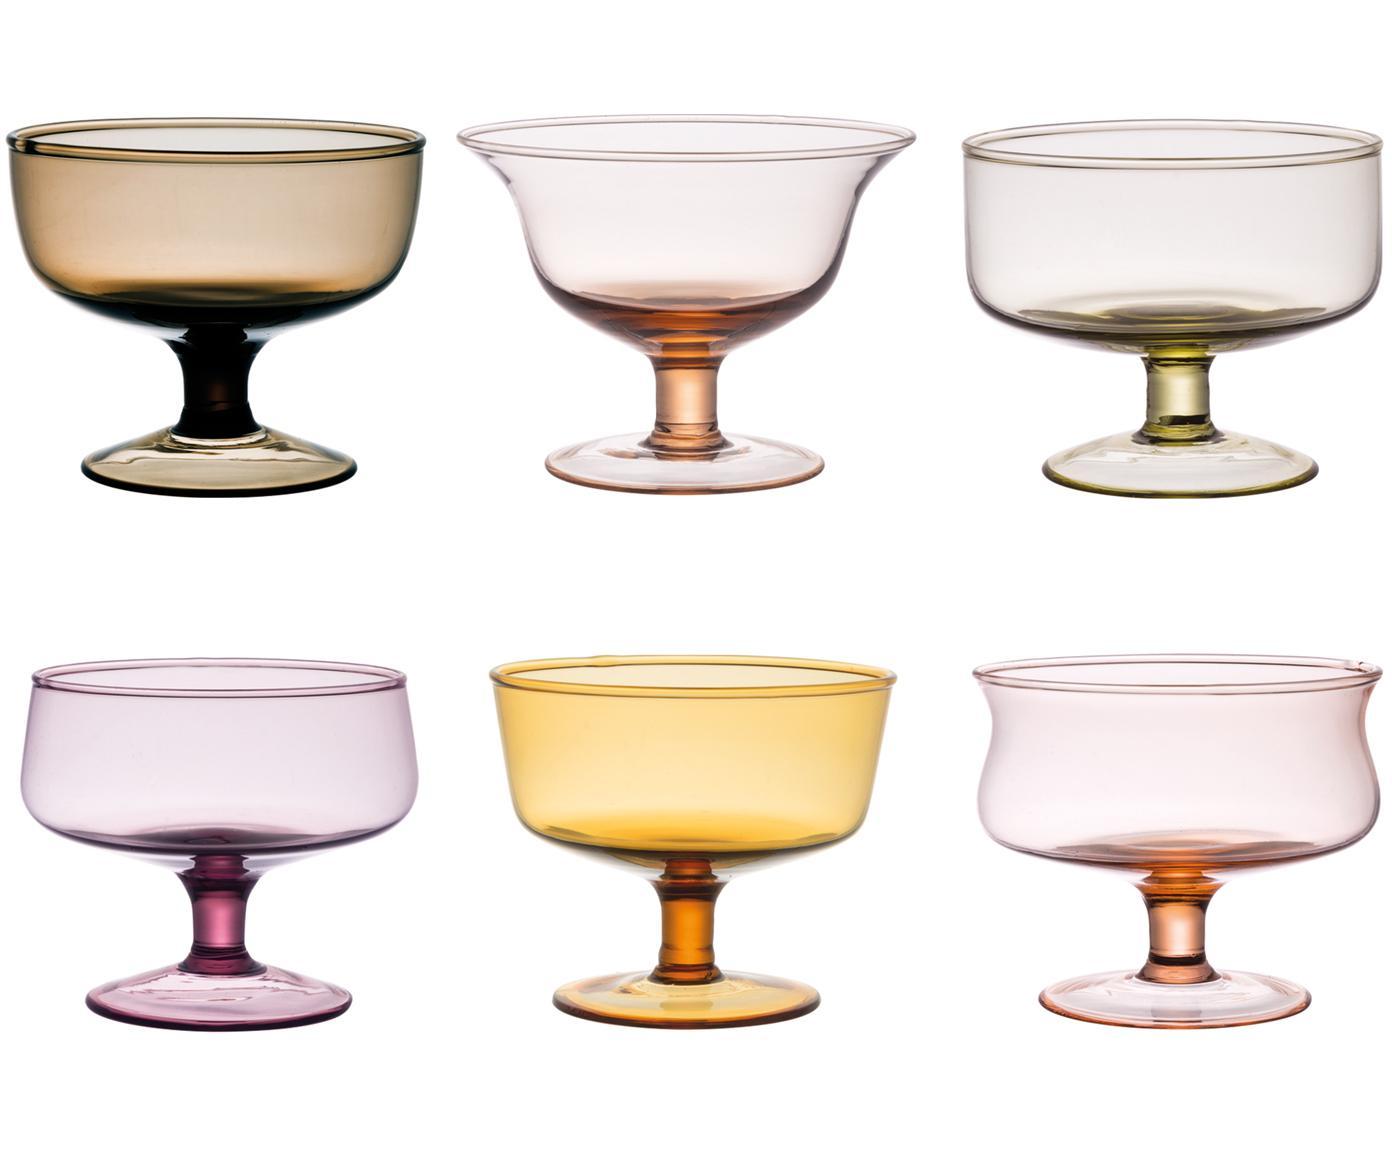 Komplet miseczek do lodów ze szkła dmuchanego Desigual, 6 elem., Szkło dmuchane, Wielobarwny, Ø 12 x W 8 cm